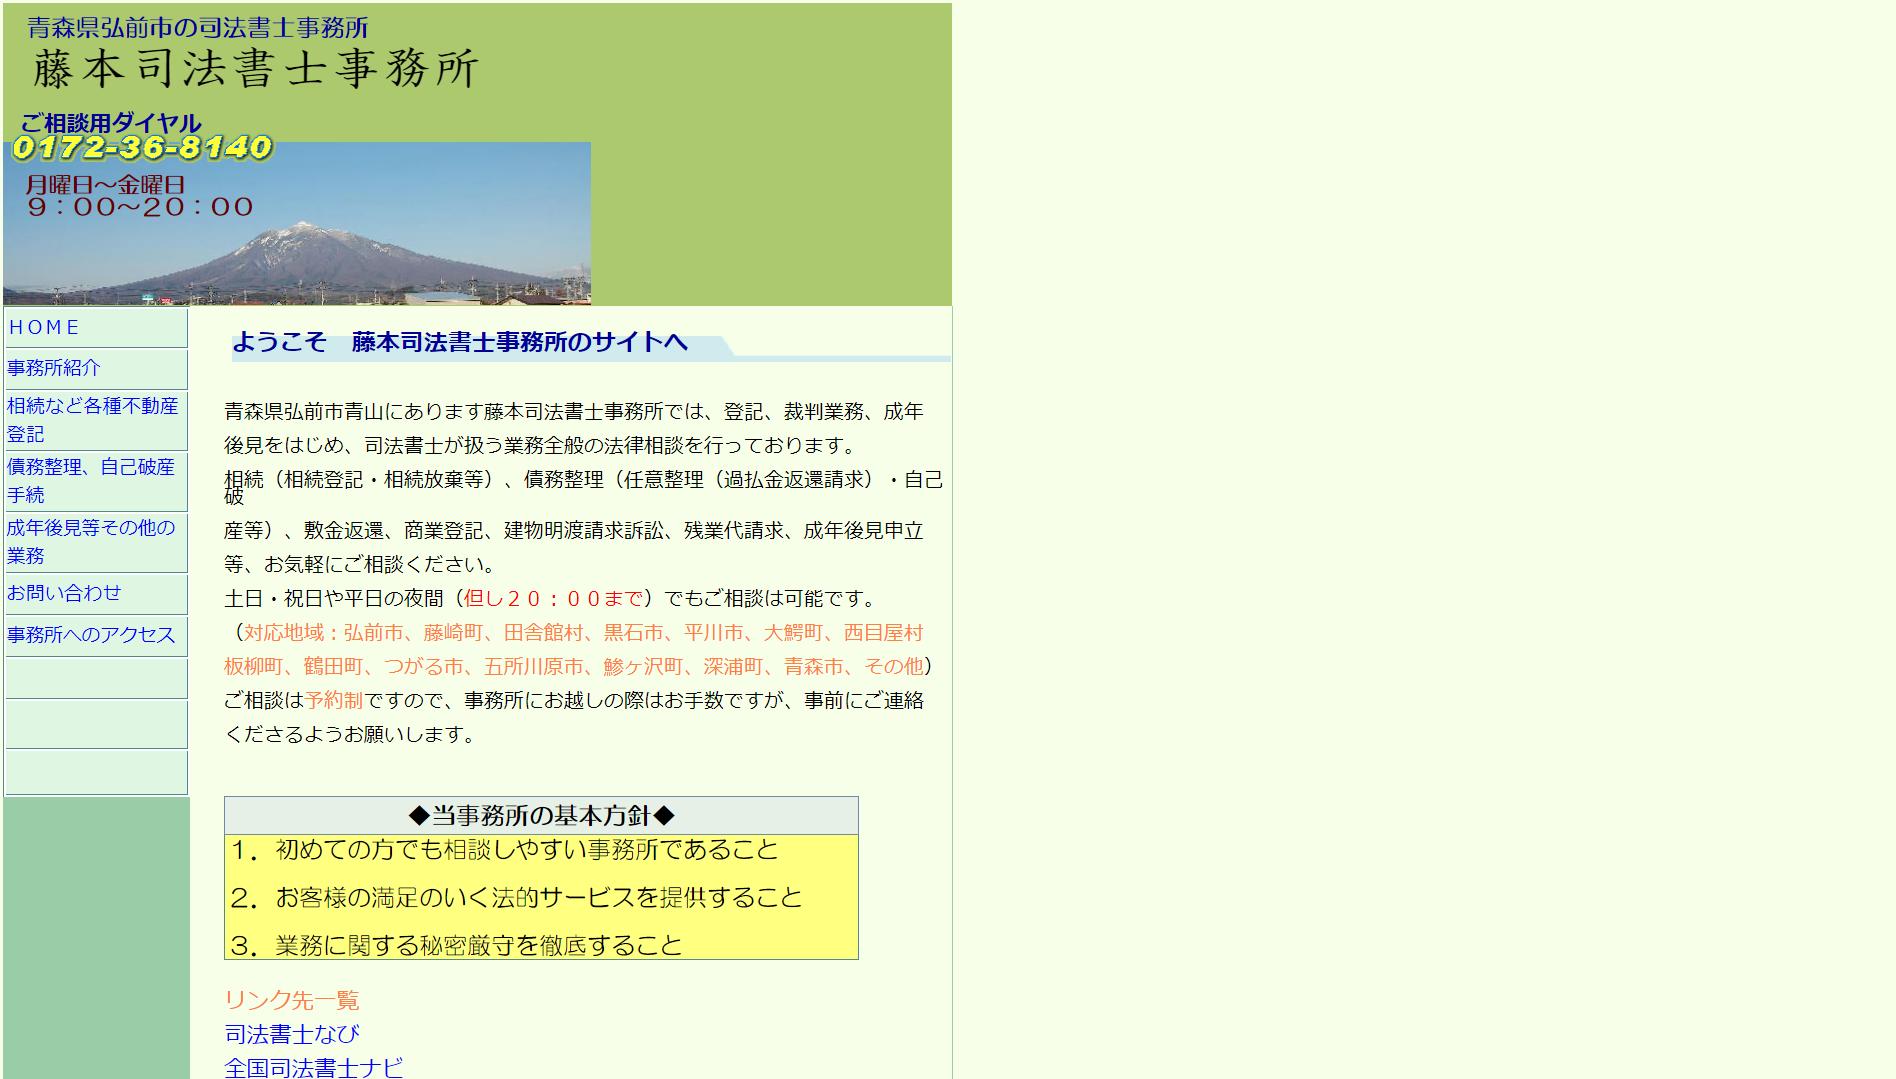 藤本司法書士事務所(青森県弘前市青山)